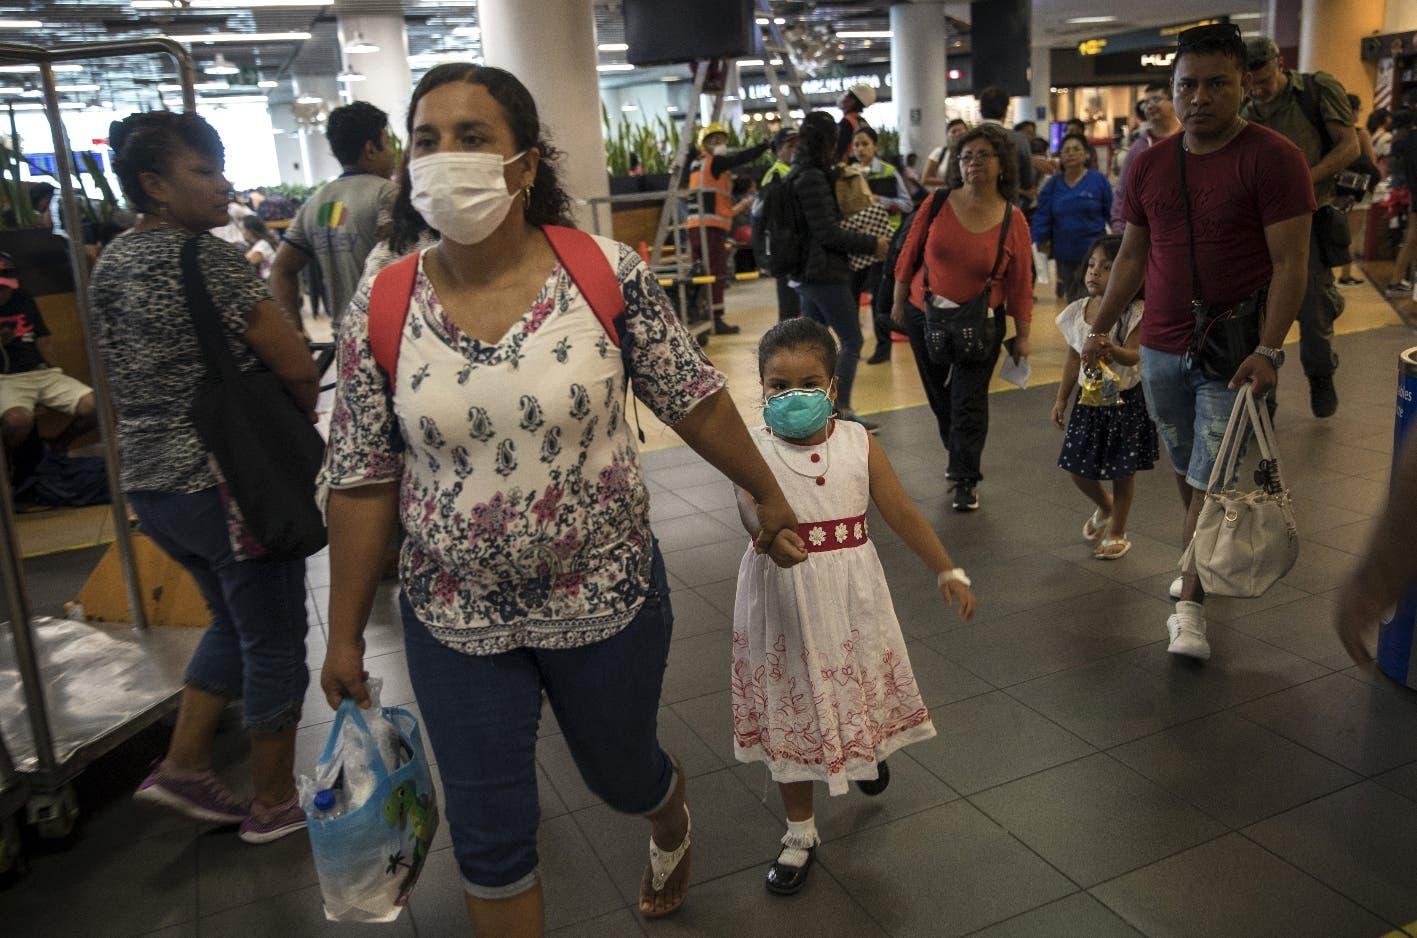 Pasajeros lleguen a España deberán someterse a control sanitario